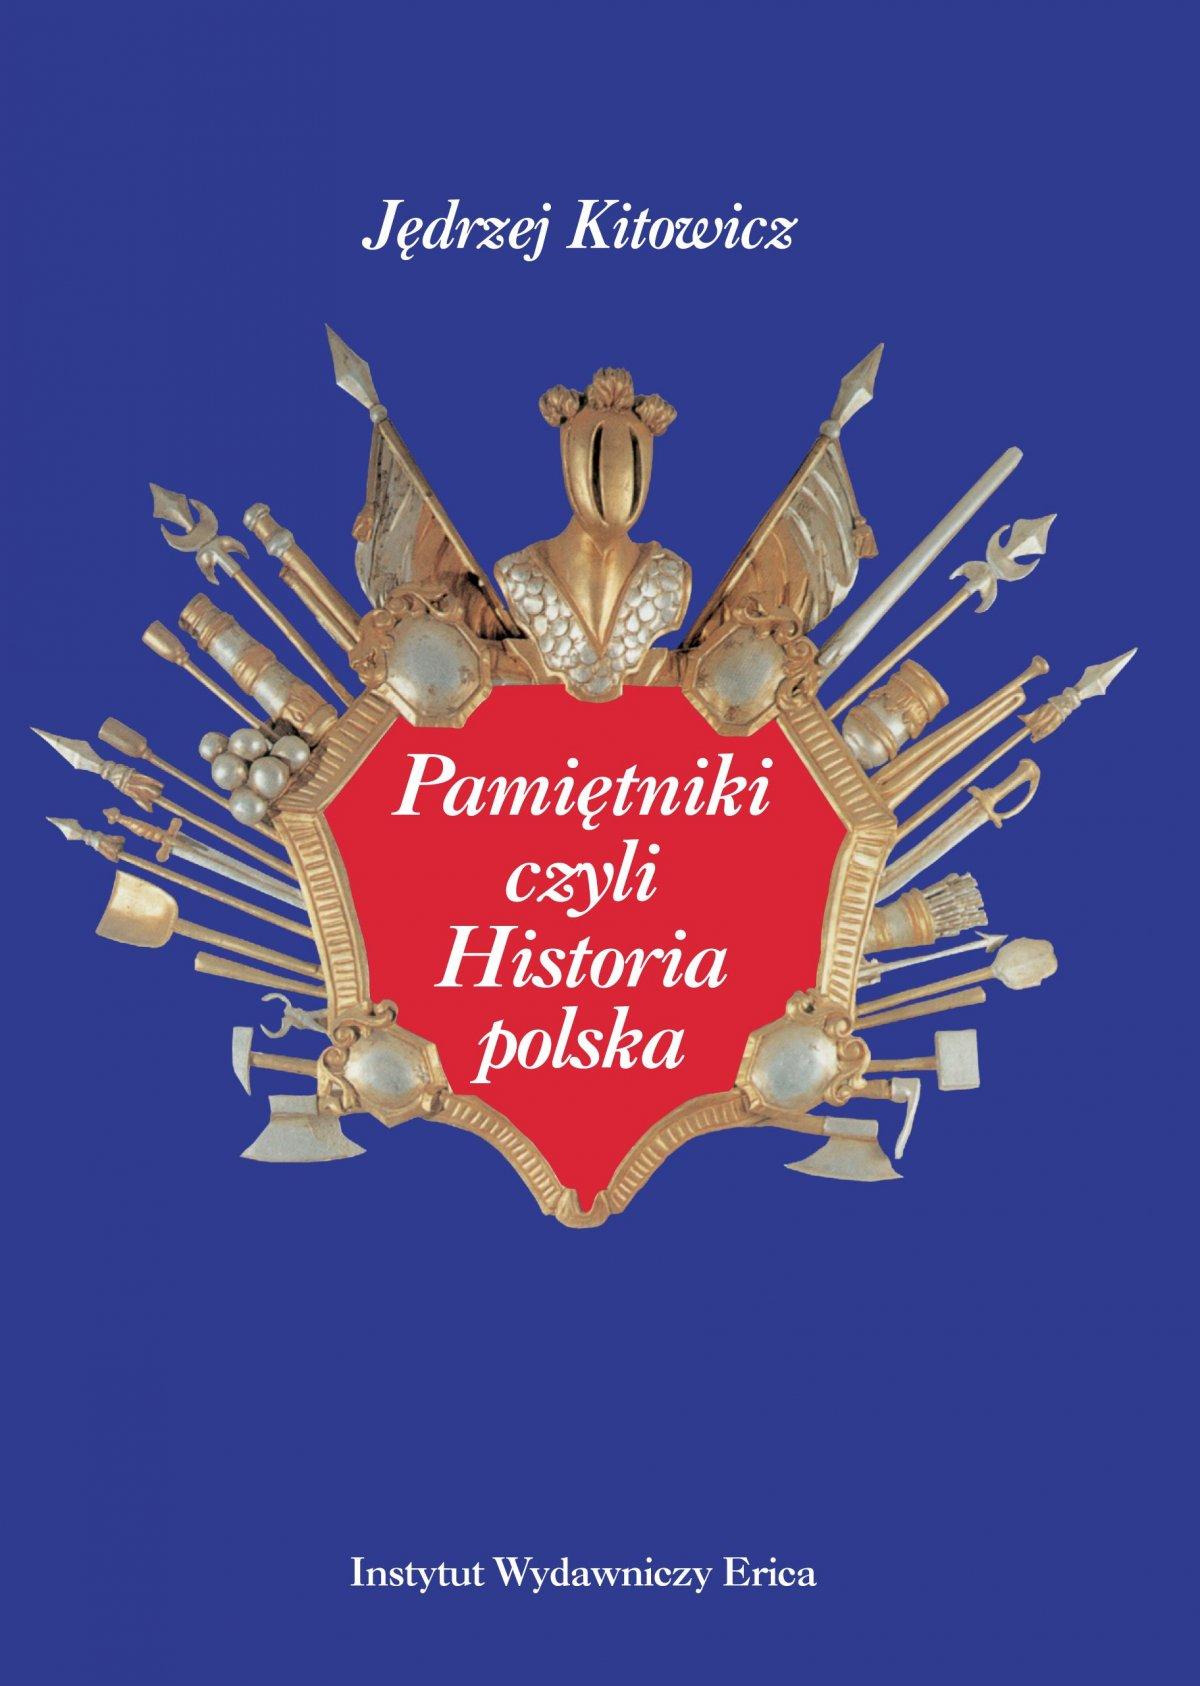 Pamiętniki czyli Historia polska - Ebook (Książka EPUB) do pobrania w formacie EPUB